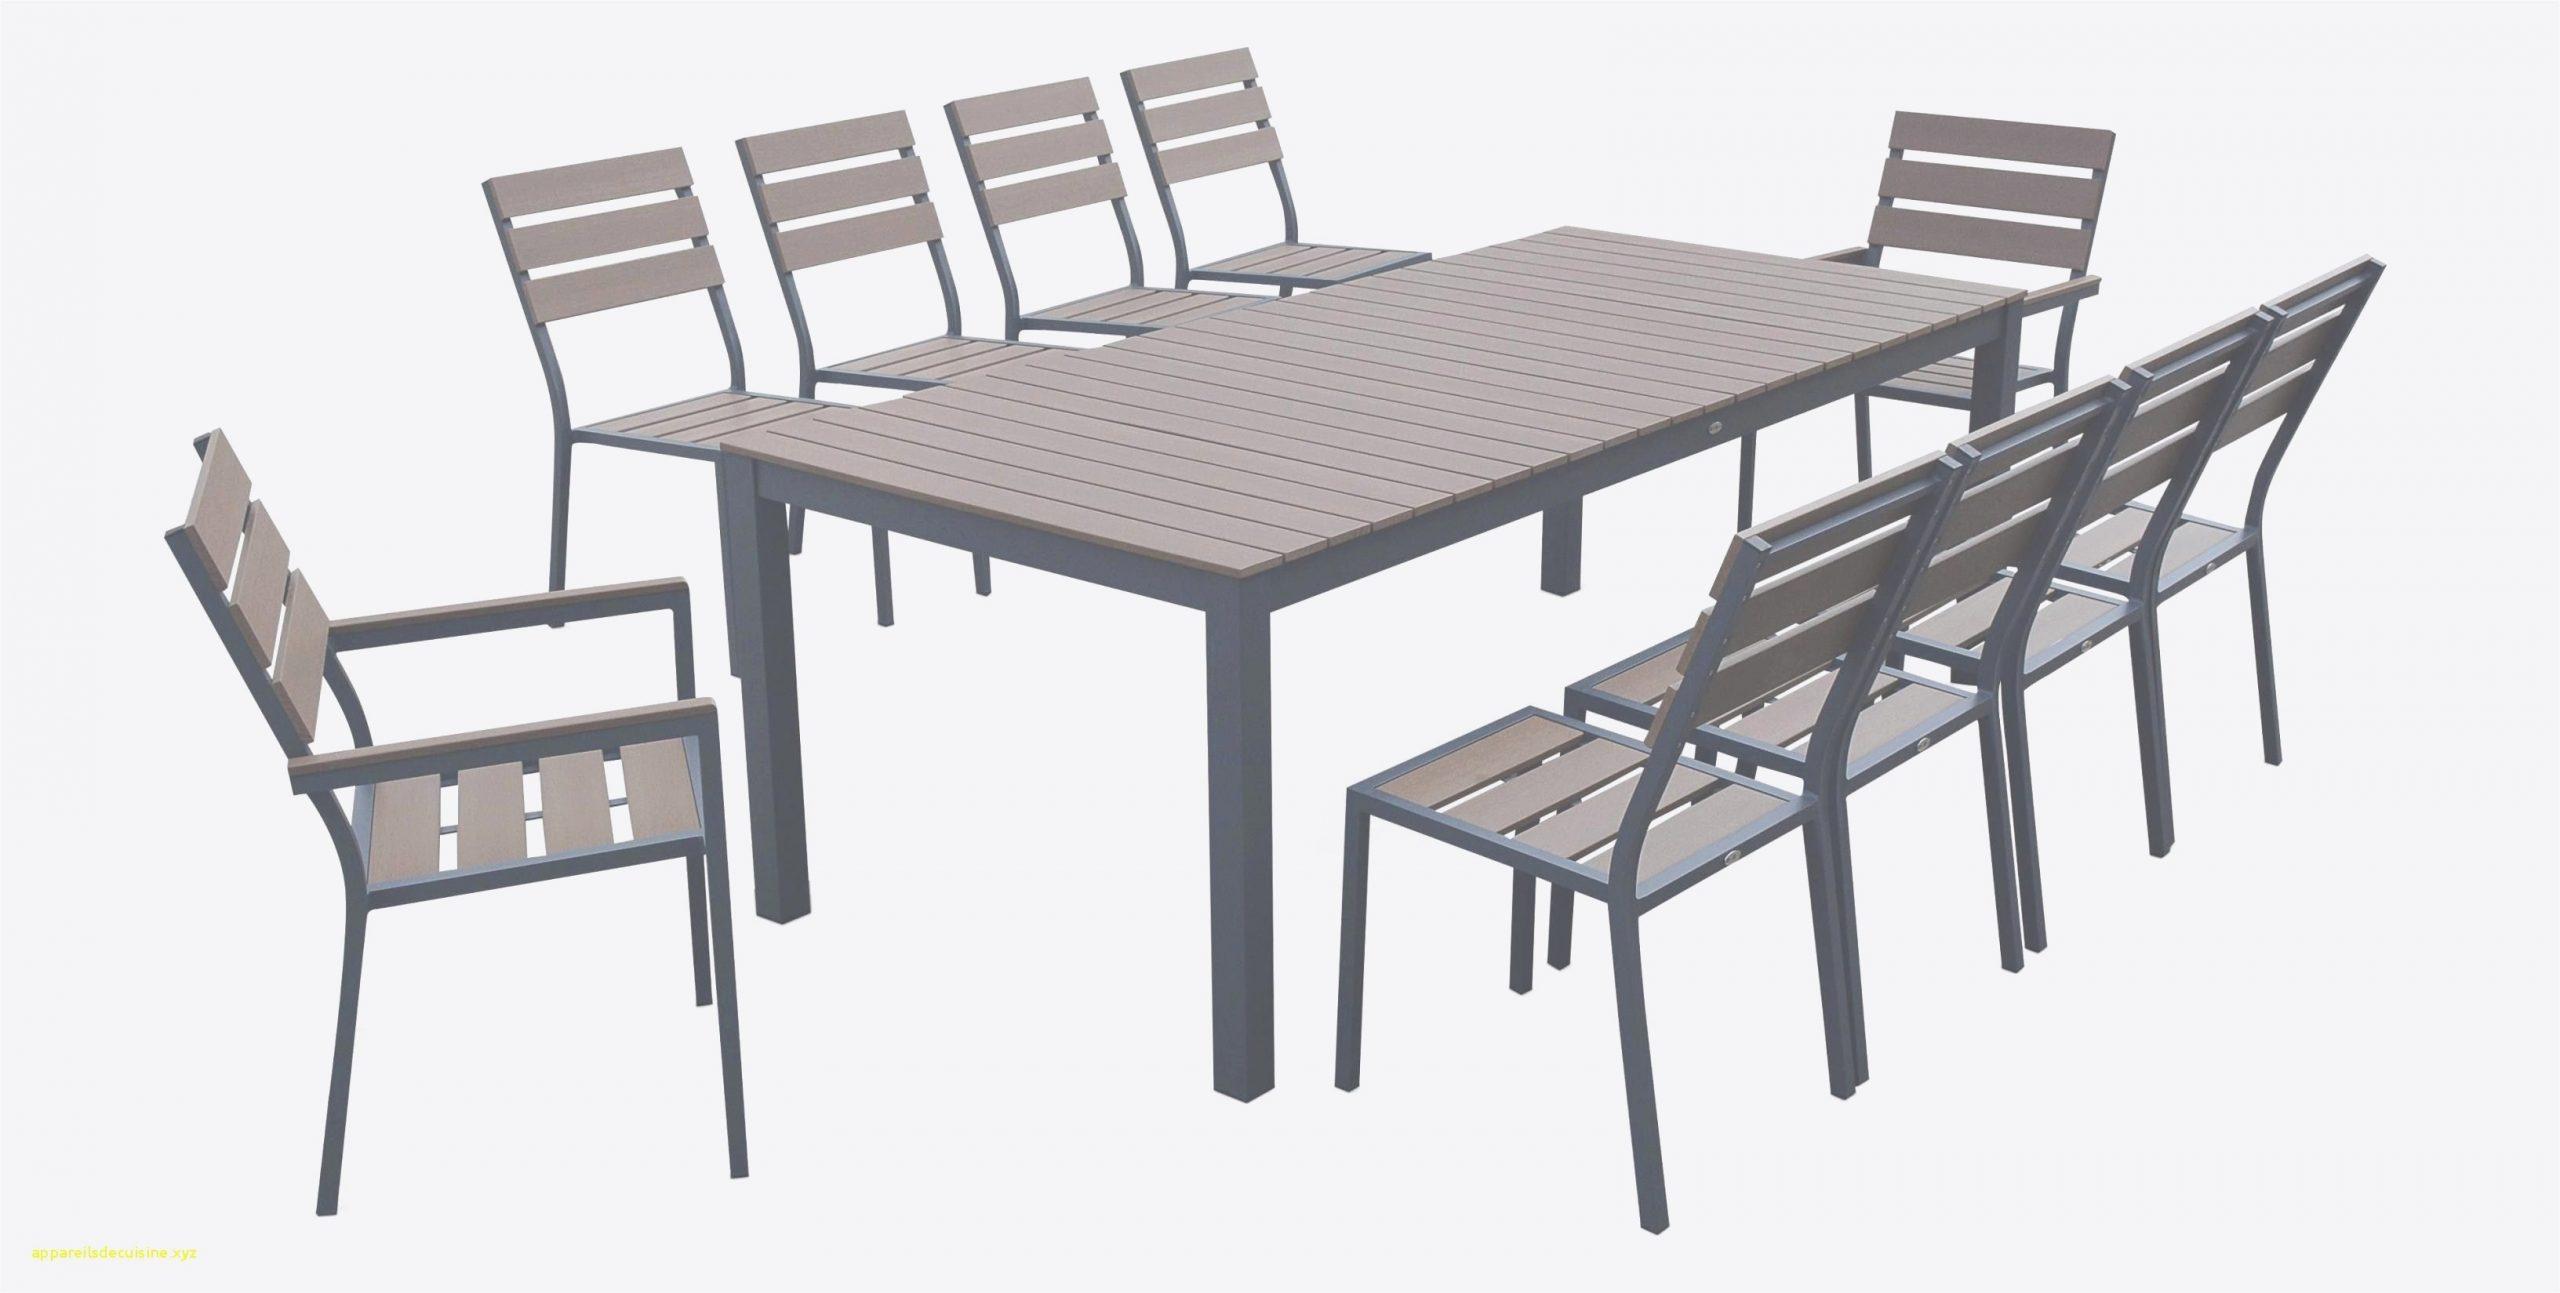 Meubles Carrefour Soldes Table Basse De Jardin Pas Cher ... à Meubles De Jardin Pas Cher